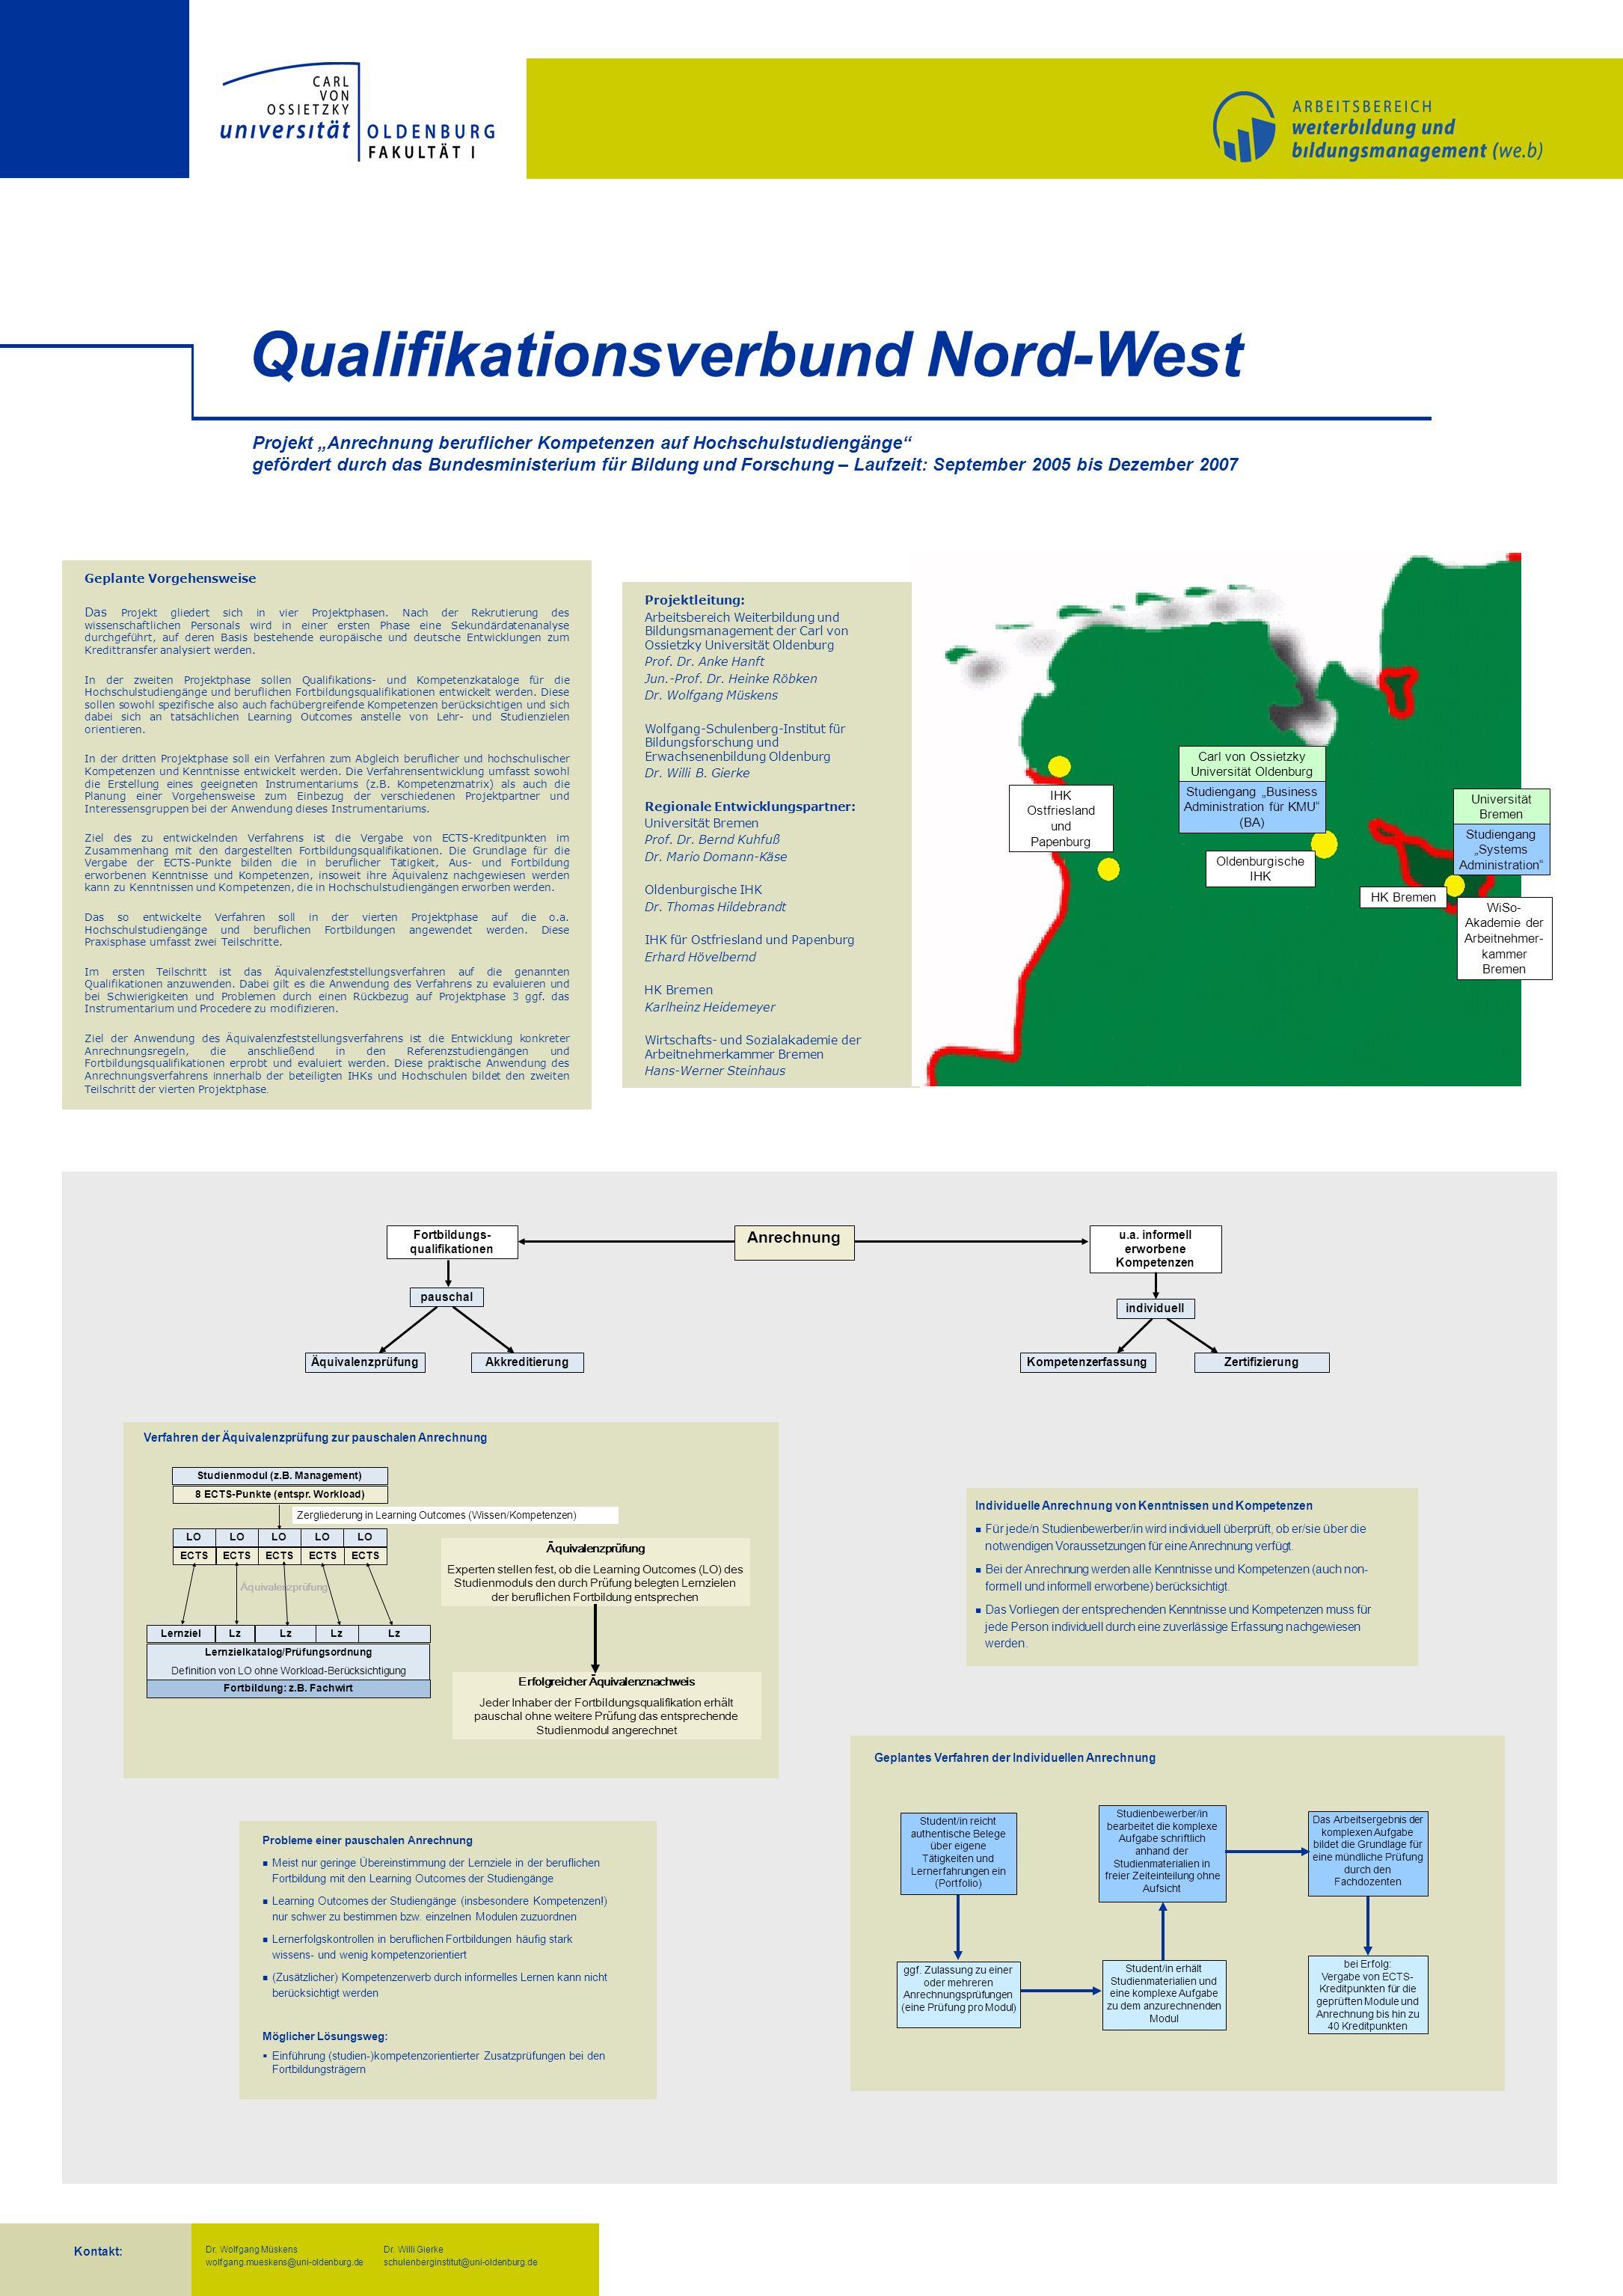 Qualifikationsverbund Nord-West Projektleitung: Arbeitsbereich Weiterbildung und Bildungsmanagement der Carl von Ossietzky Universität Oldenburg Prof.